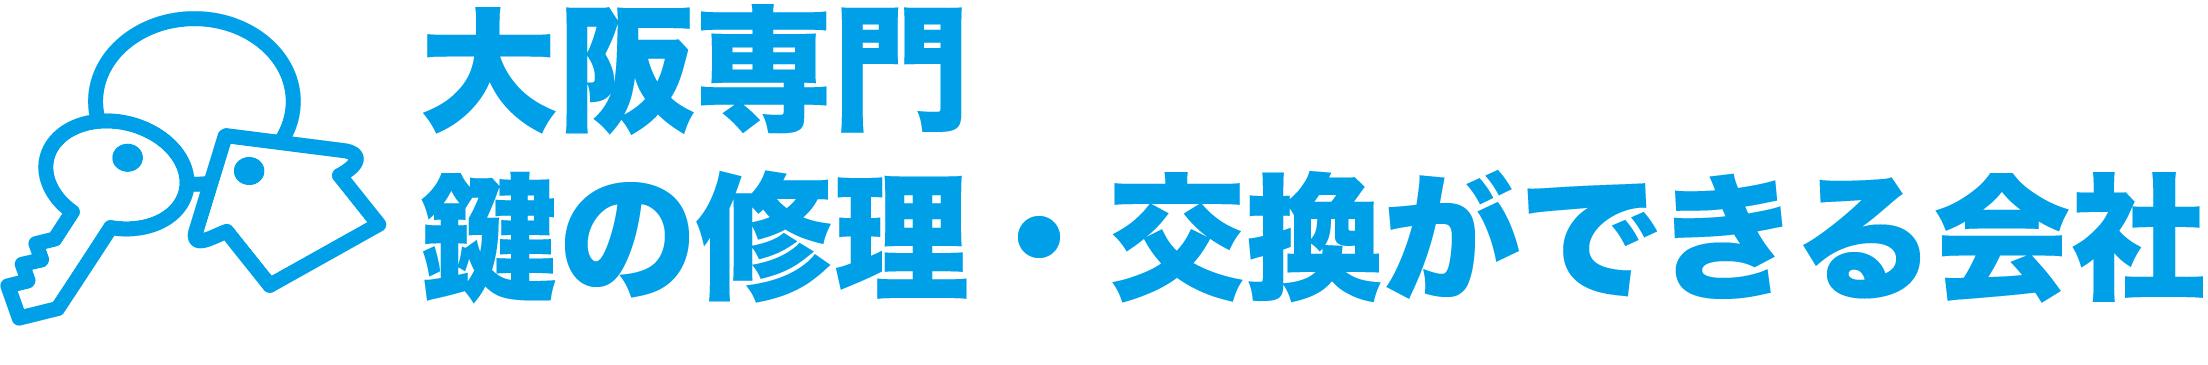 大阪で鍵の修理・交換・鍵開けオススメ10社!鍵をなくした時の業者選び